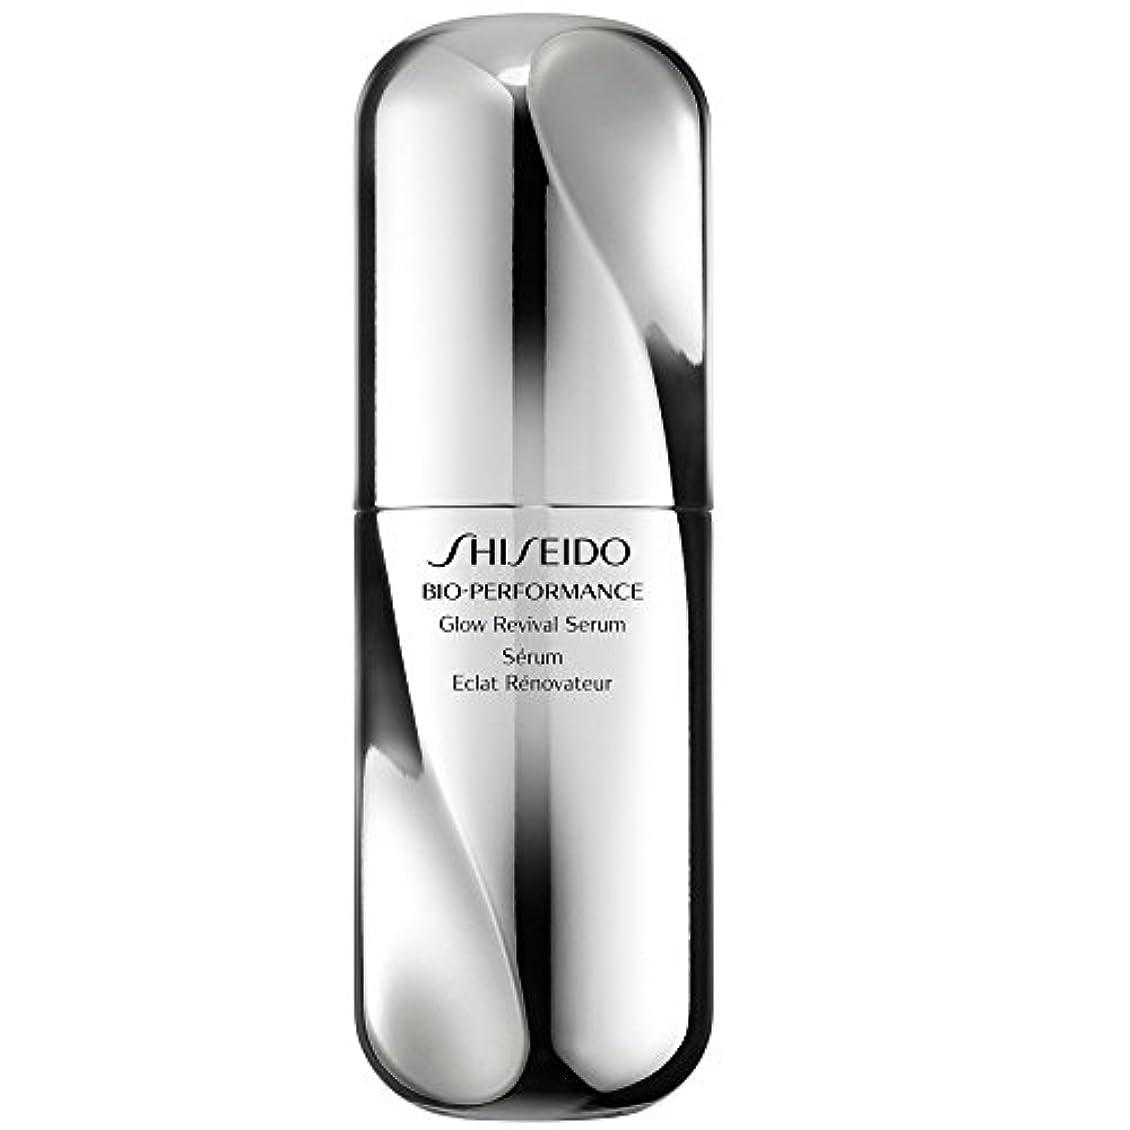 ローマ人コイン最後に[Shiseido] 資生堂バイオパフォーマンスグロー復活セラム30Ml - Shiseido Bio-Performance Glow Revival Serum 30ml [並行輸入品]